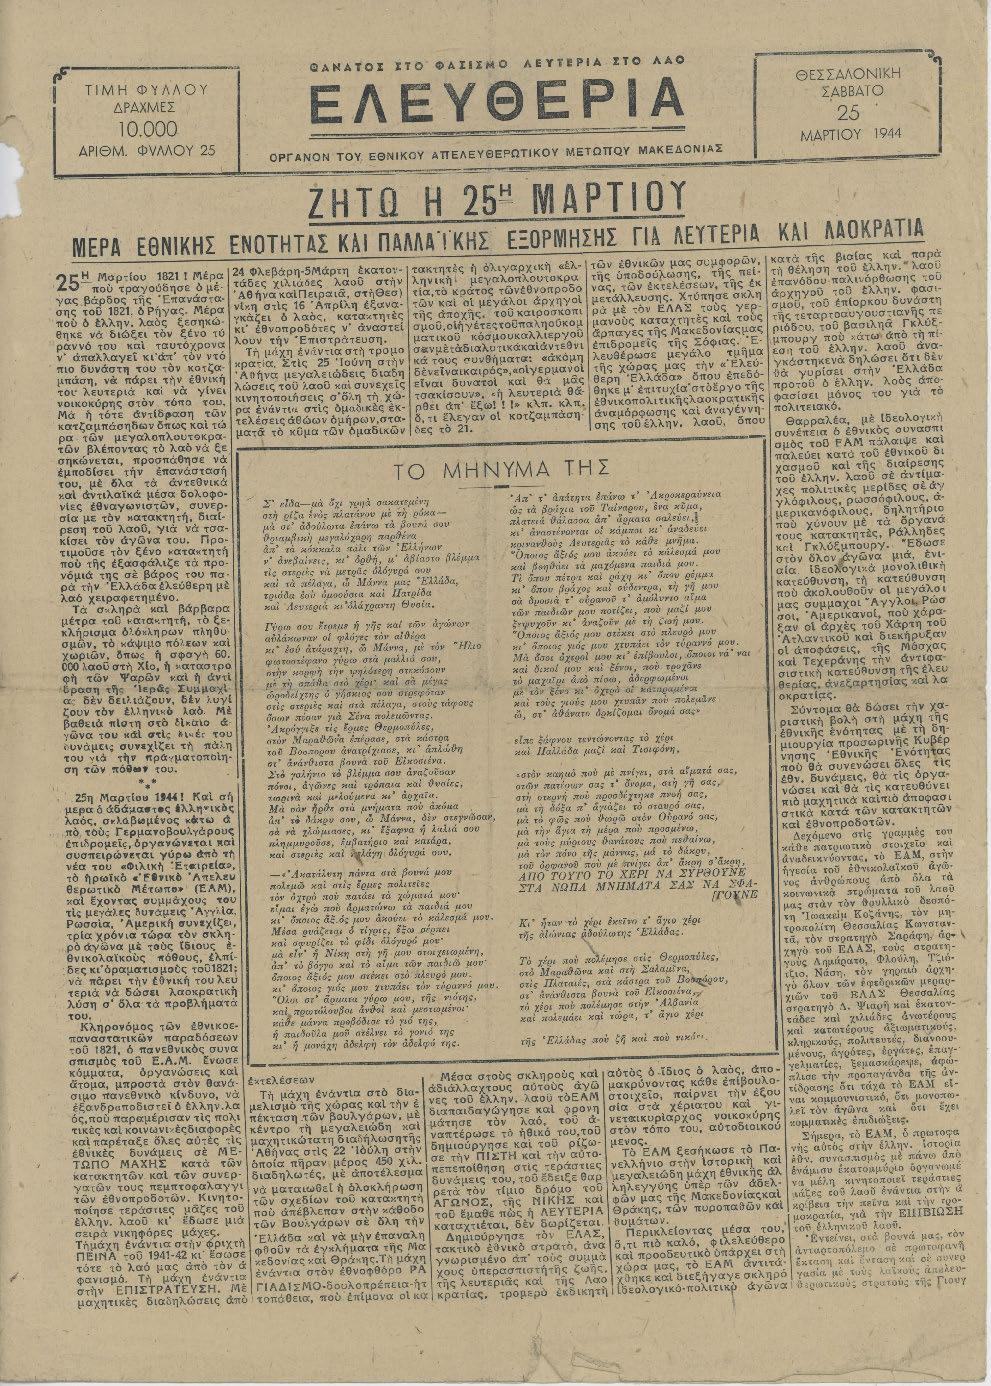 Αποκόμματα Εφημερίδων Διάφορα Νο 79